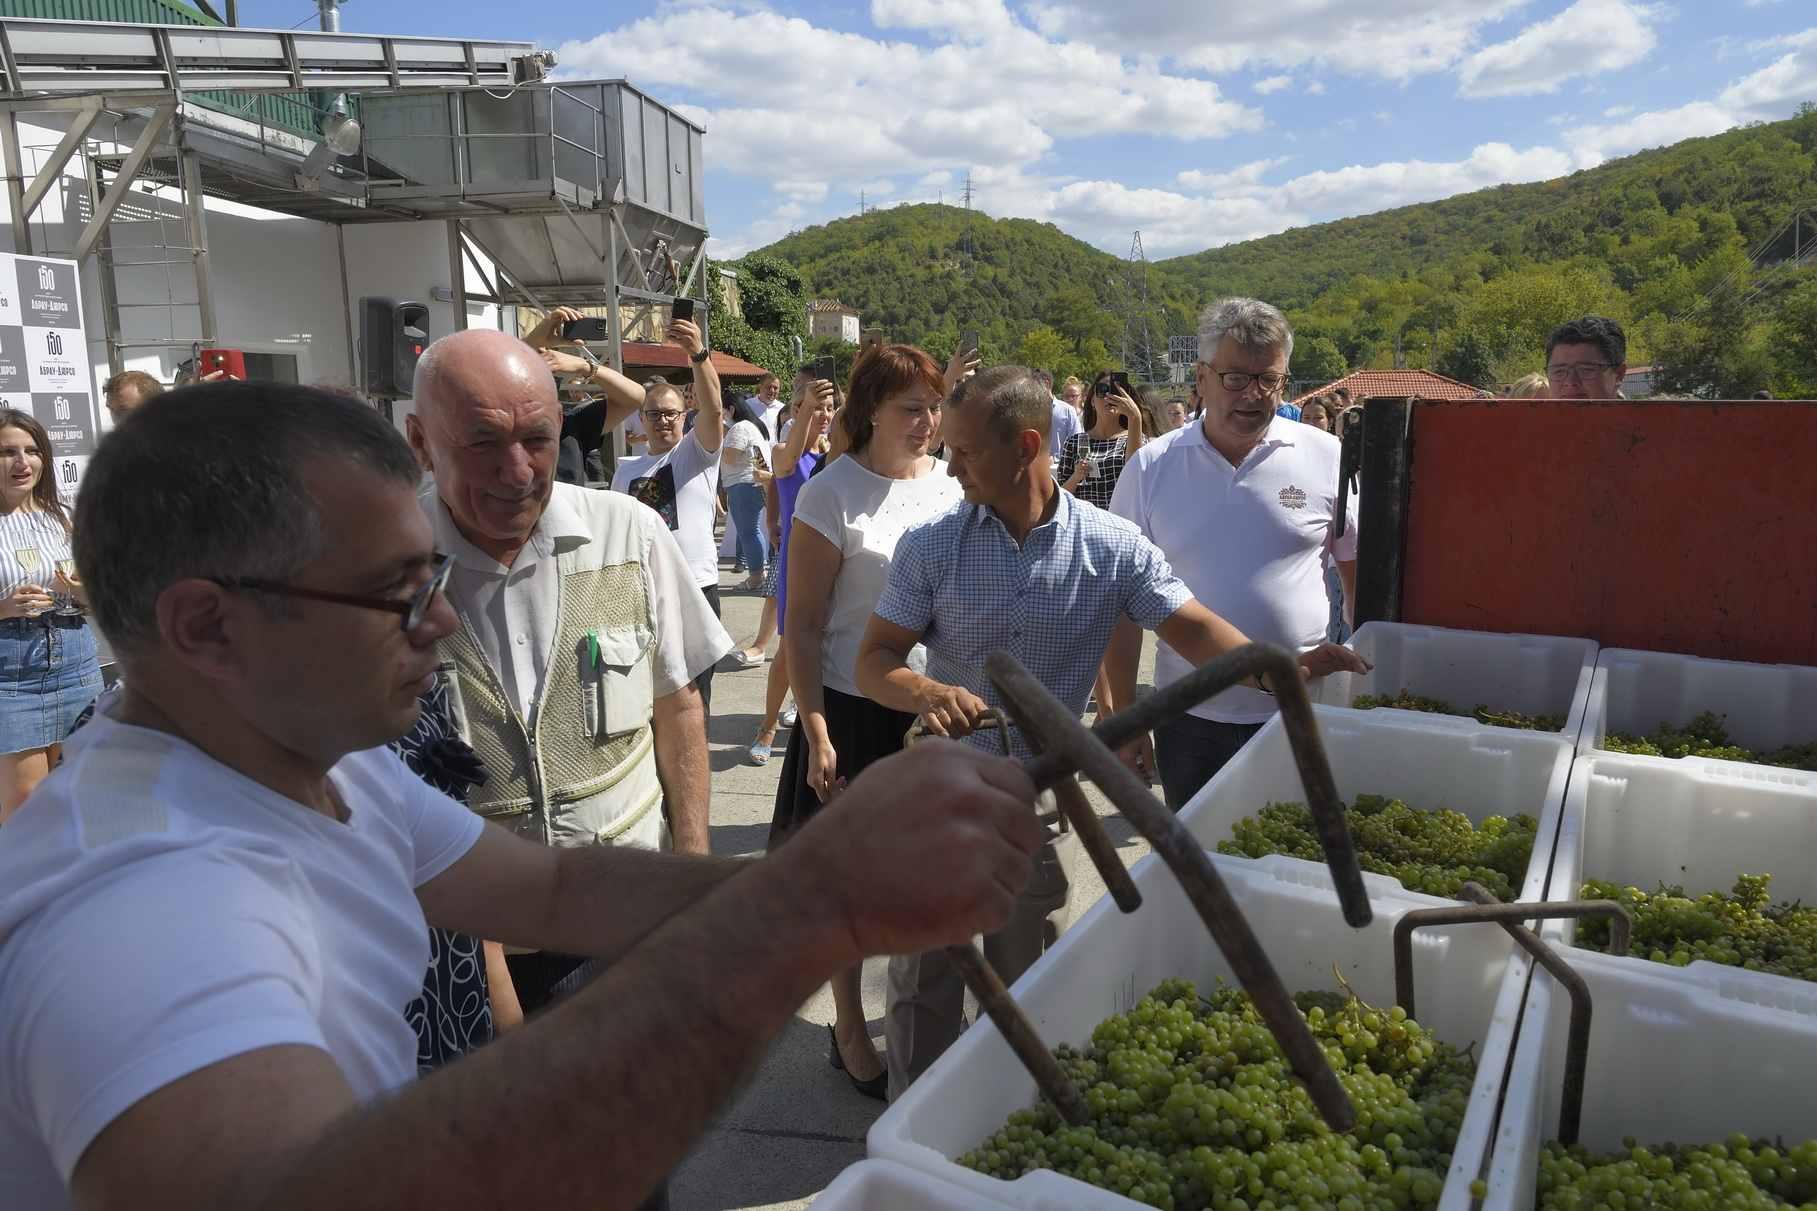 В хозяйствах в окрестностях Новороссийска приступили к уборке технических сортов винограда. Когда пойдет столовый?